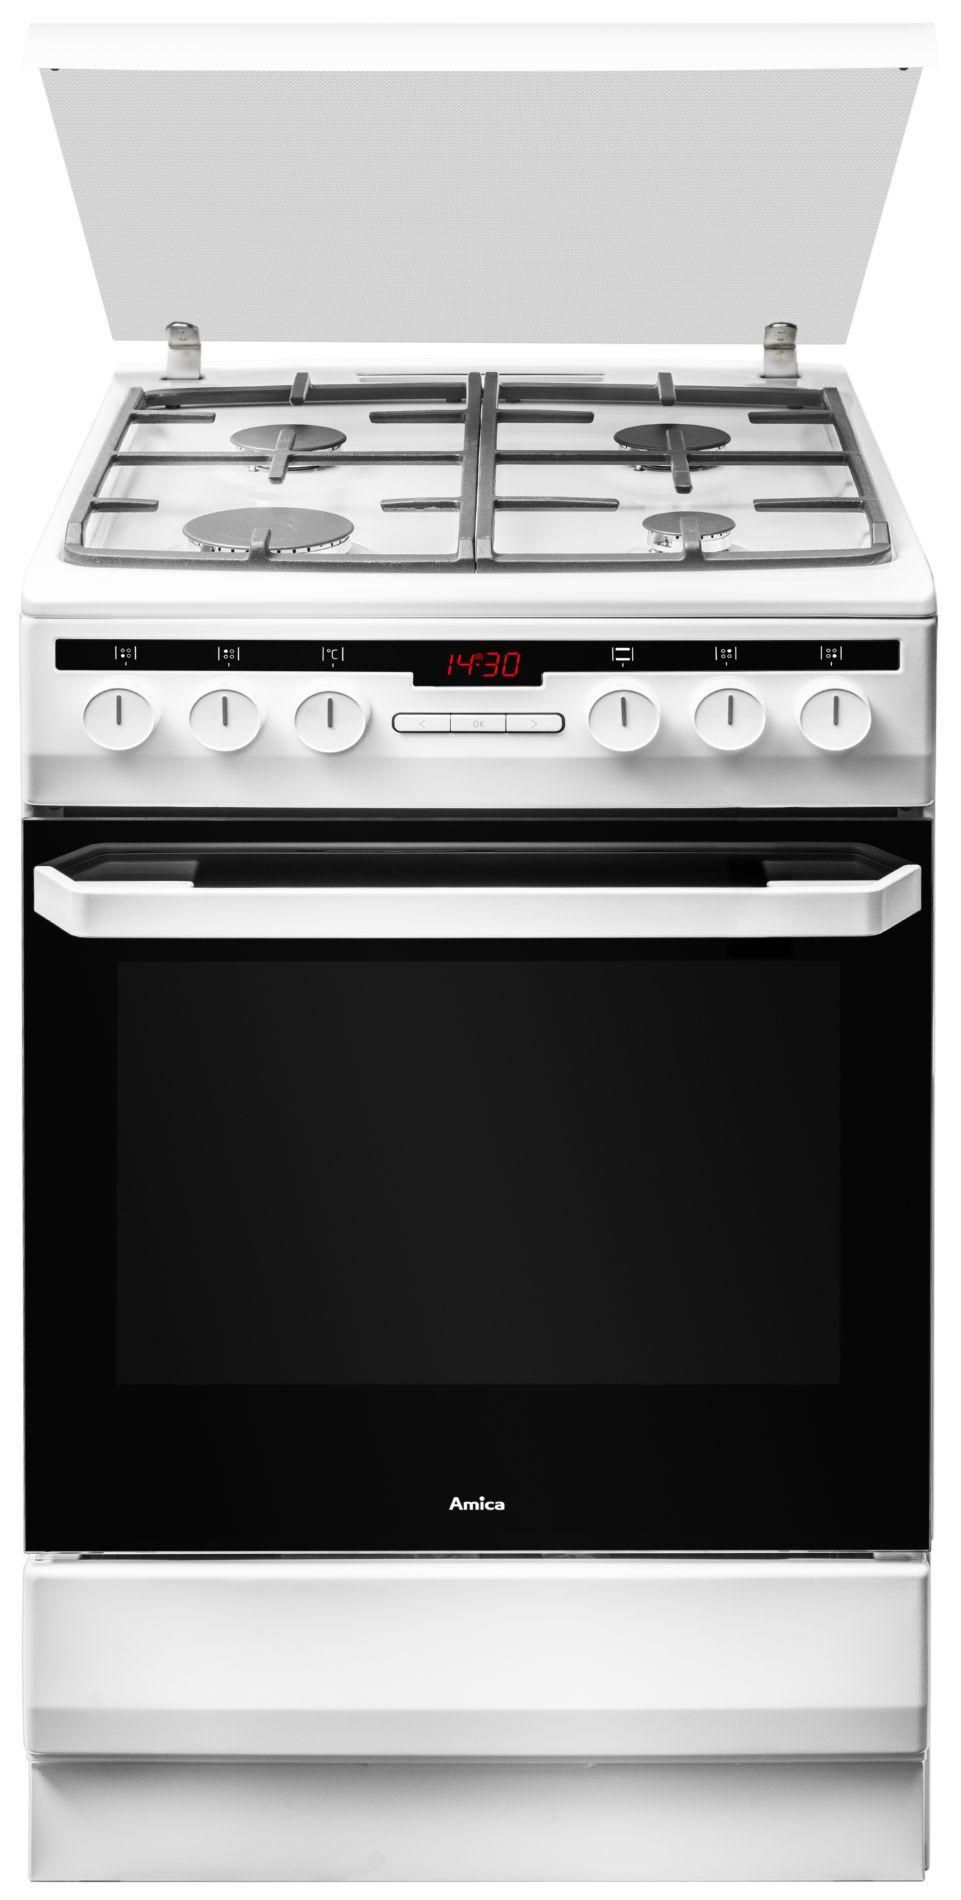 Kuchnia wolnostojąca gazowo elektryczna 58GED3 43HZpTaDNAQ(W)  Amica -> Kuchnia Gazowa Amica Cześci Zamienne